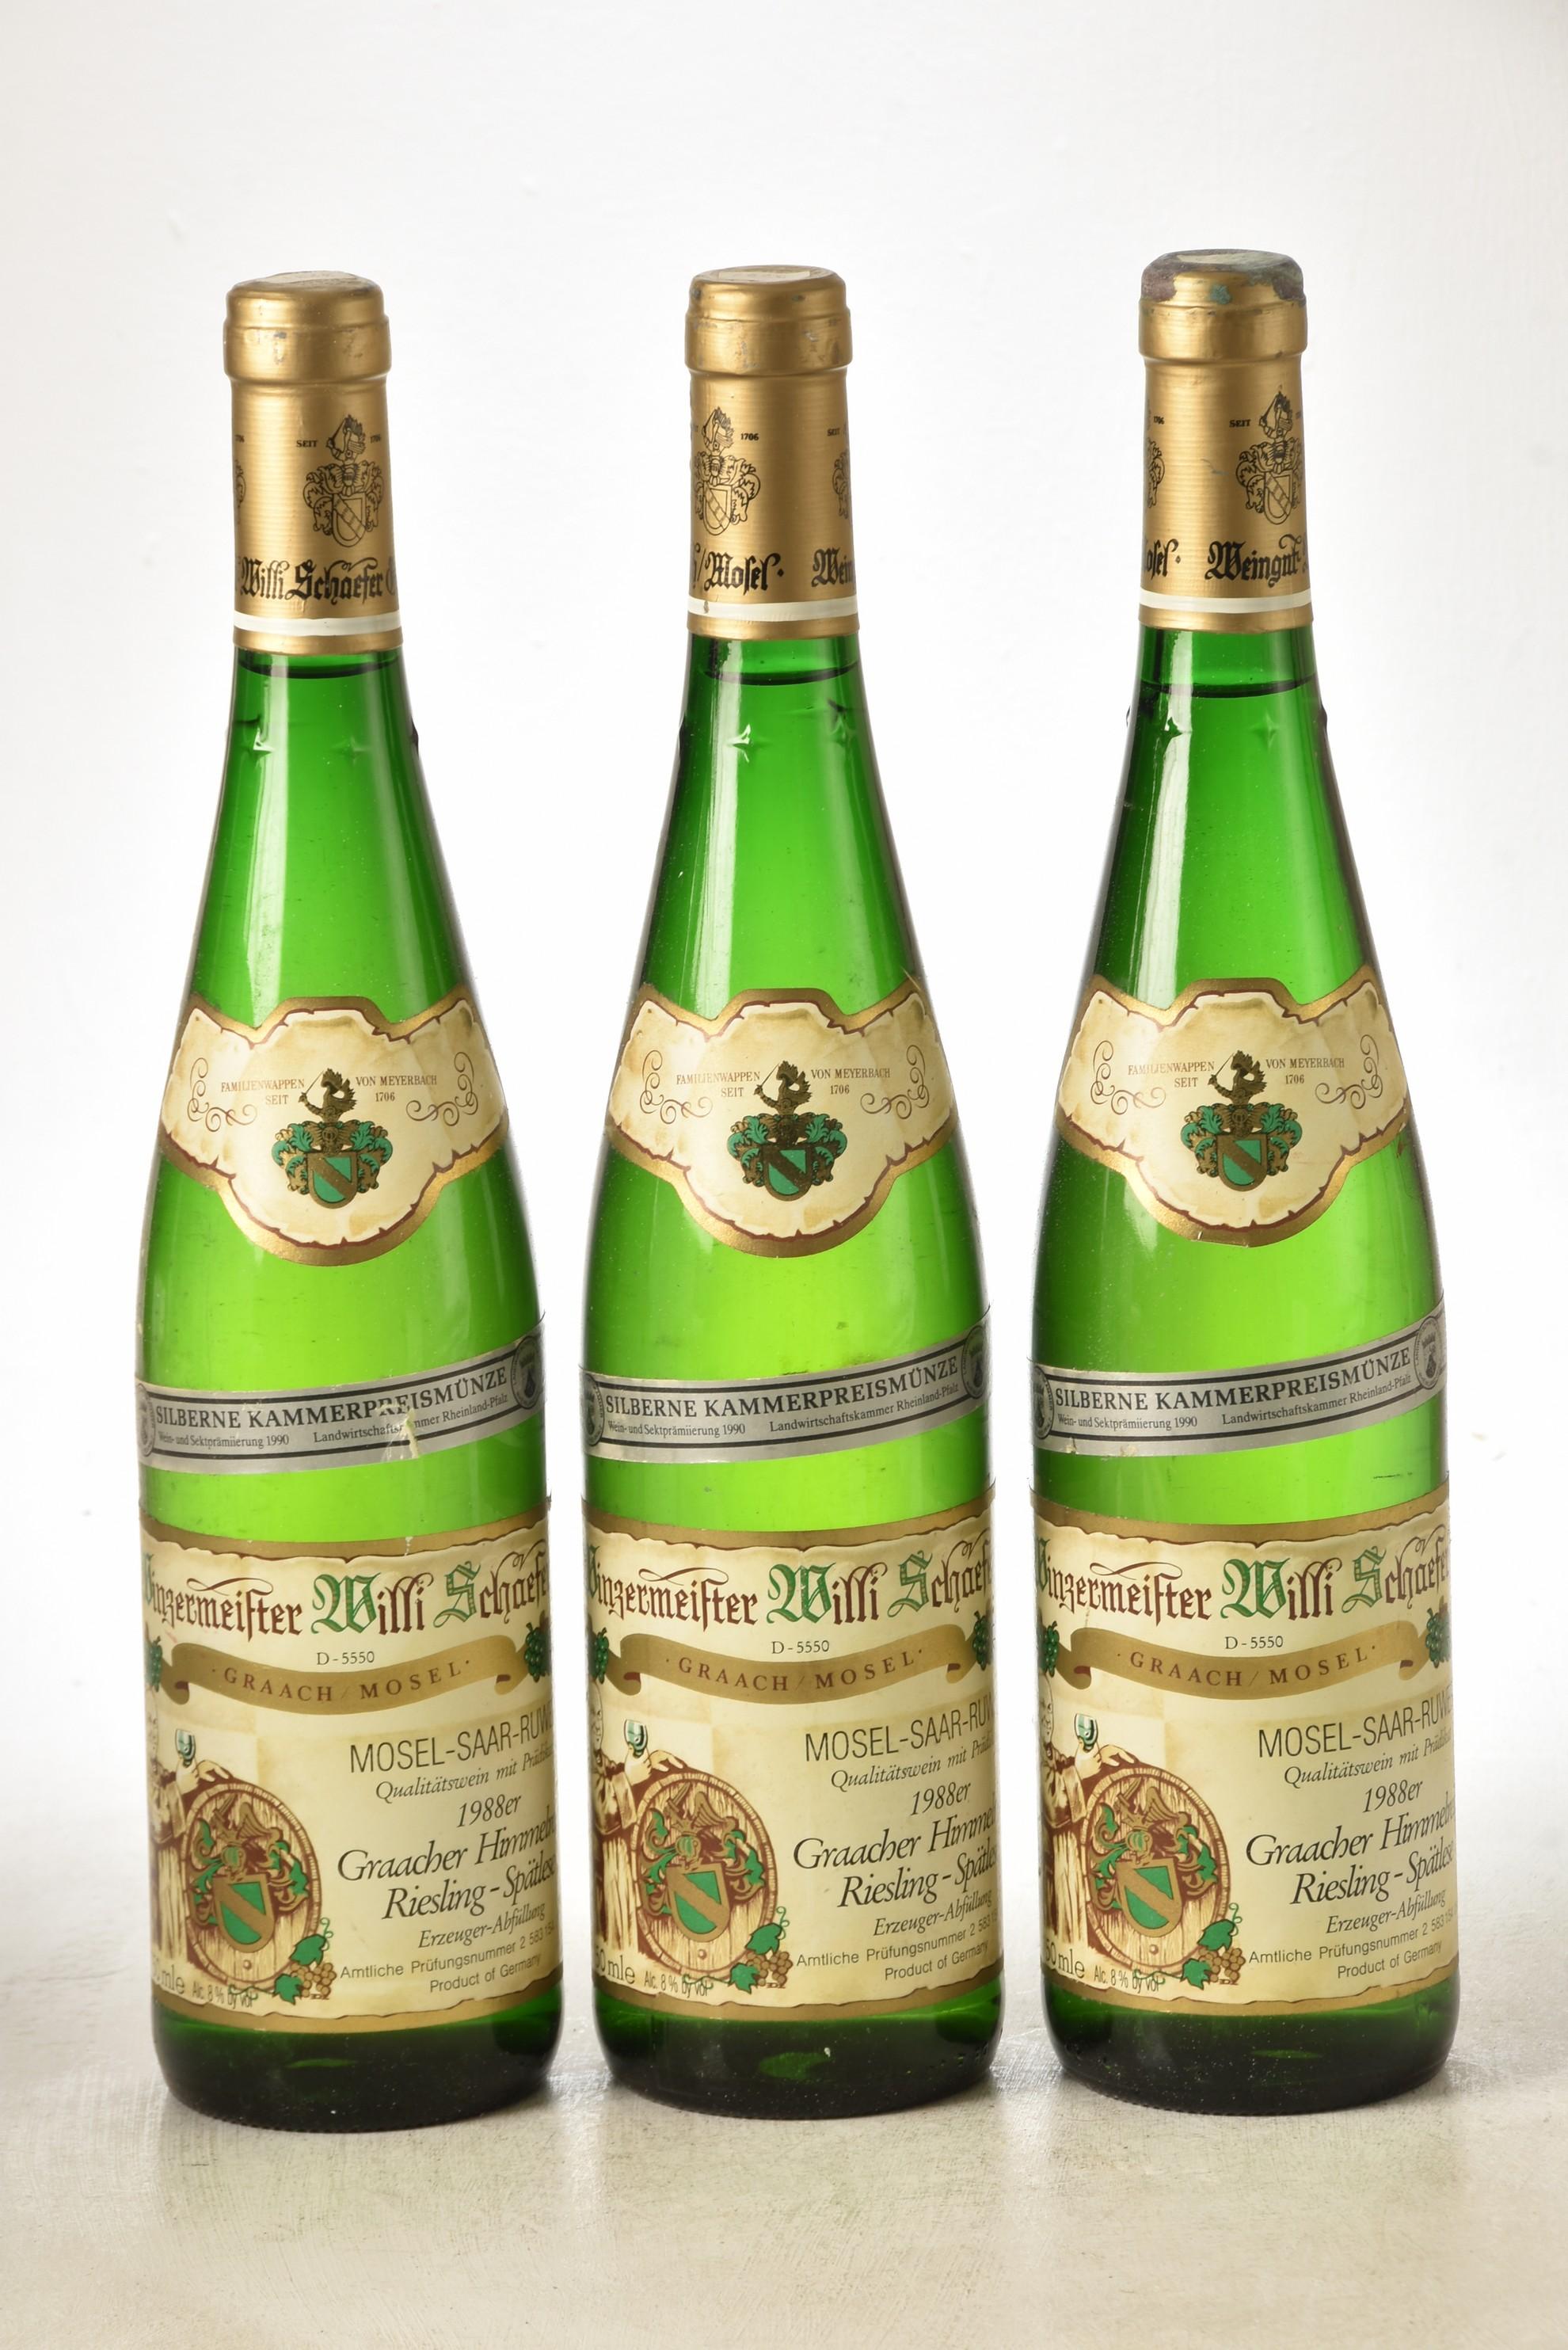 Graacher Himmelriech Riesling Spatlese 1988 Willi Schaefer 3 bts